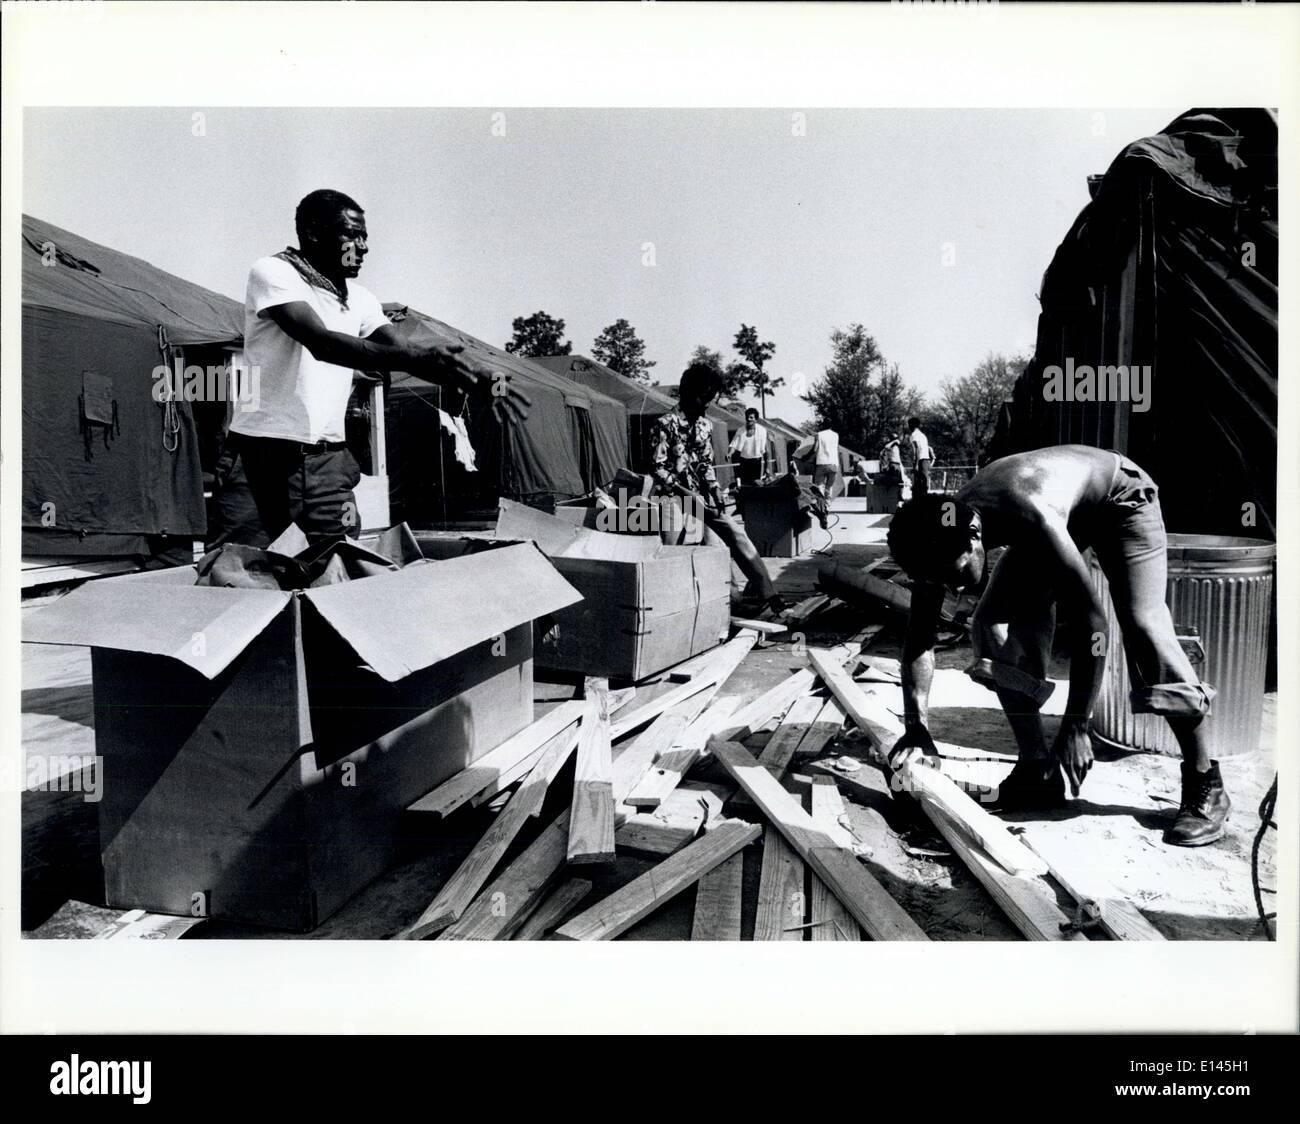 Avril 04, 2012 - les réfugiés cubains en hauteur pour aider à nettoyer la zone dans la ville de tentes érigé à la PI. Walton Beach fairgrounds / Eglin Air Force Base. Banque D'Images